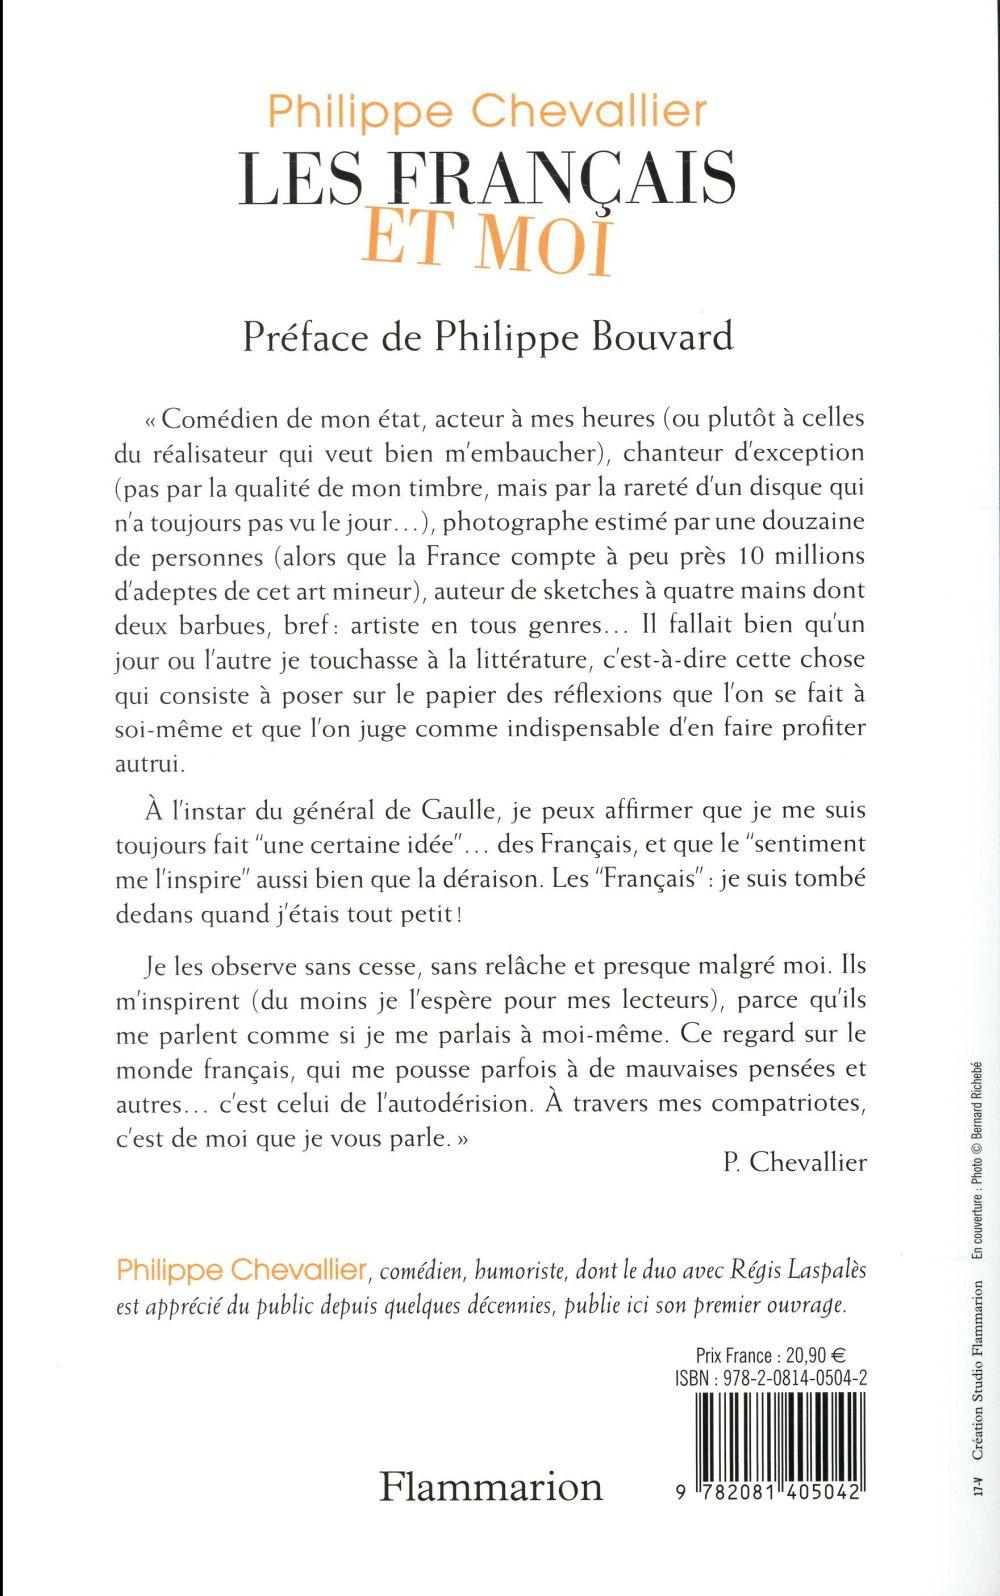 Les francais et moi, chroniques drôlatiques